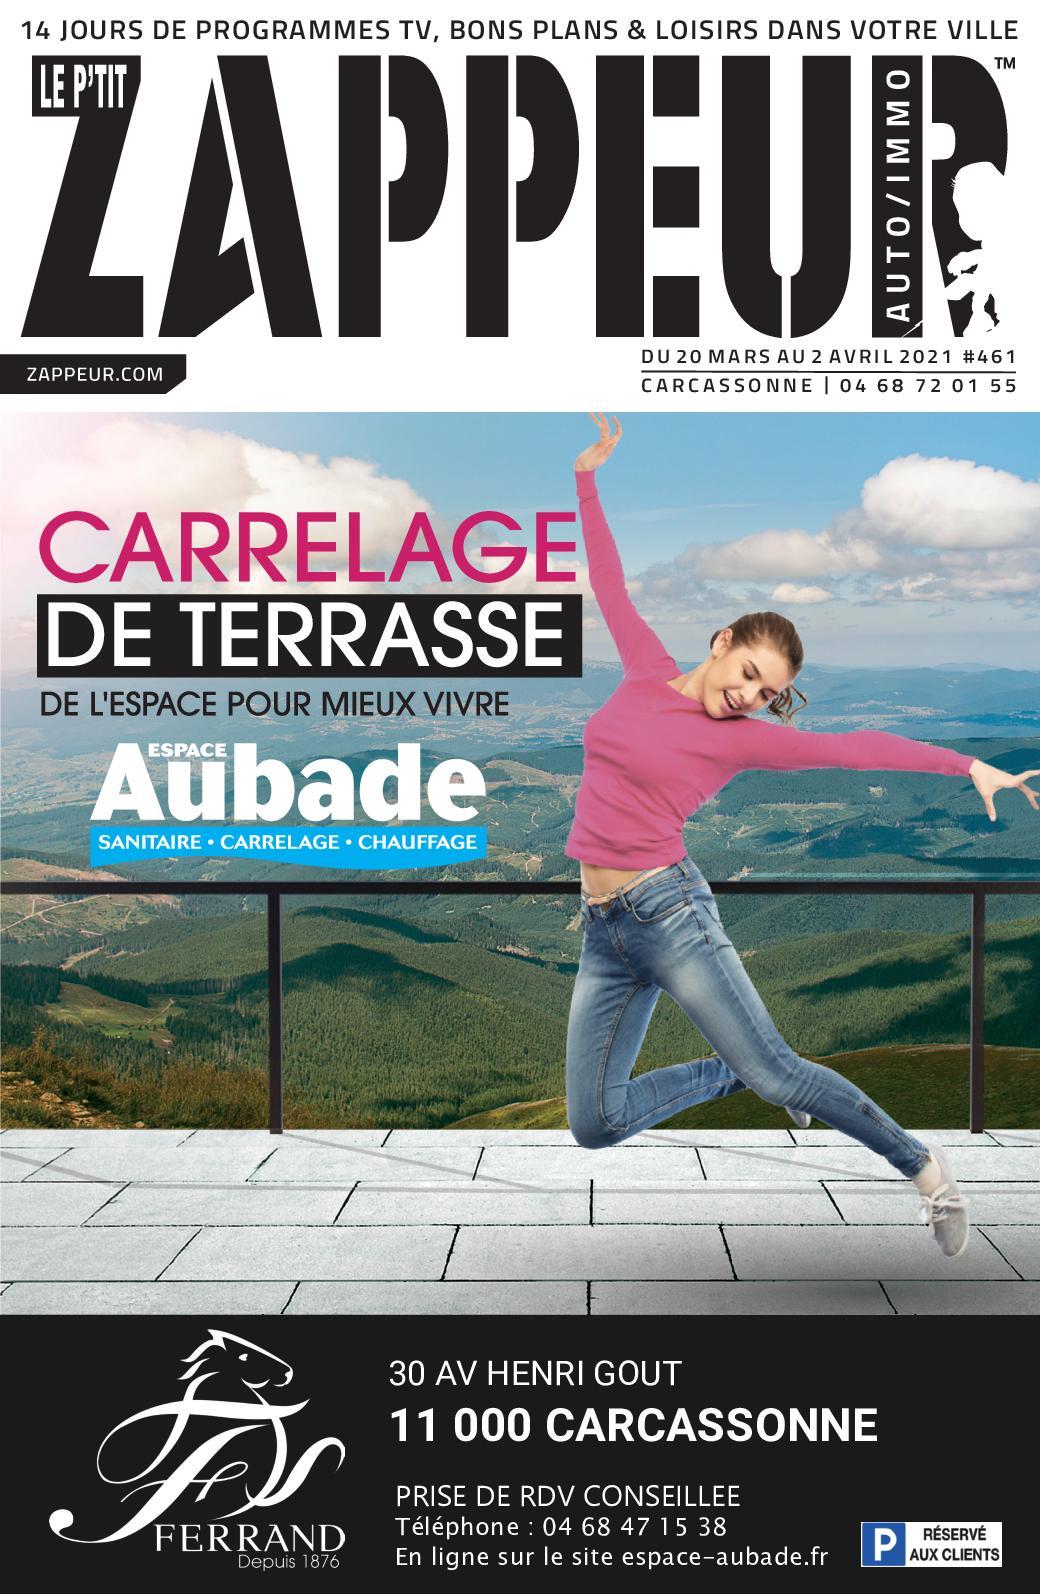 rencontre site gay literature à Carcassonne